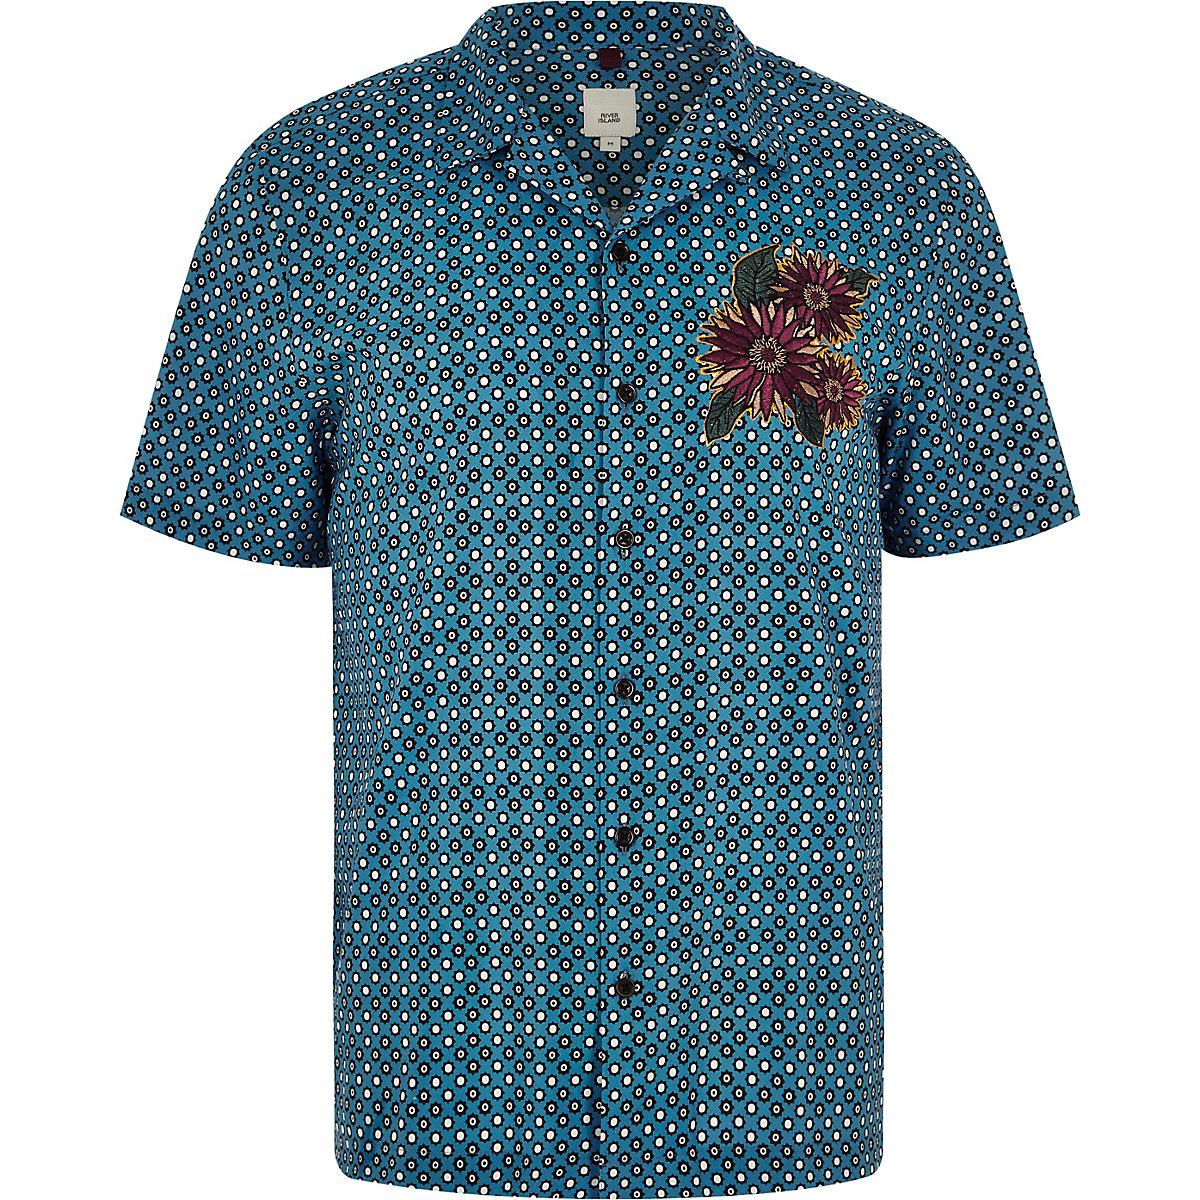 Blaues Hemd mit Kachelmuster und Blumenstickerei